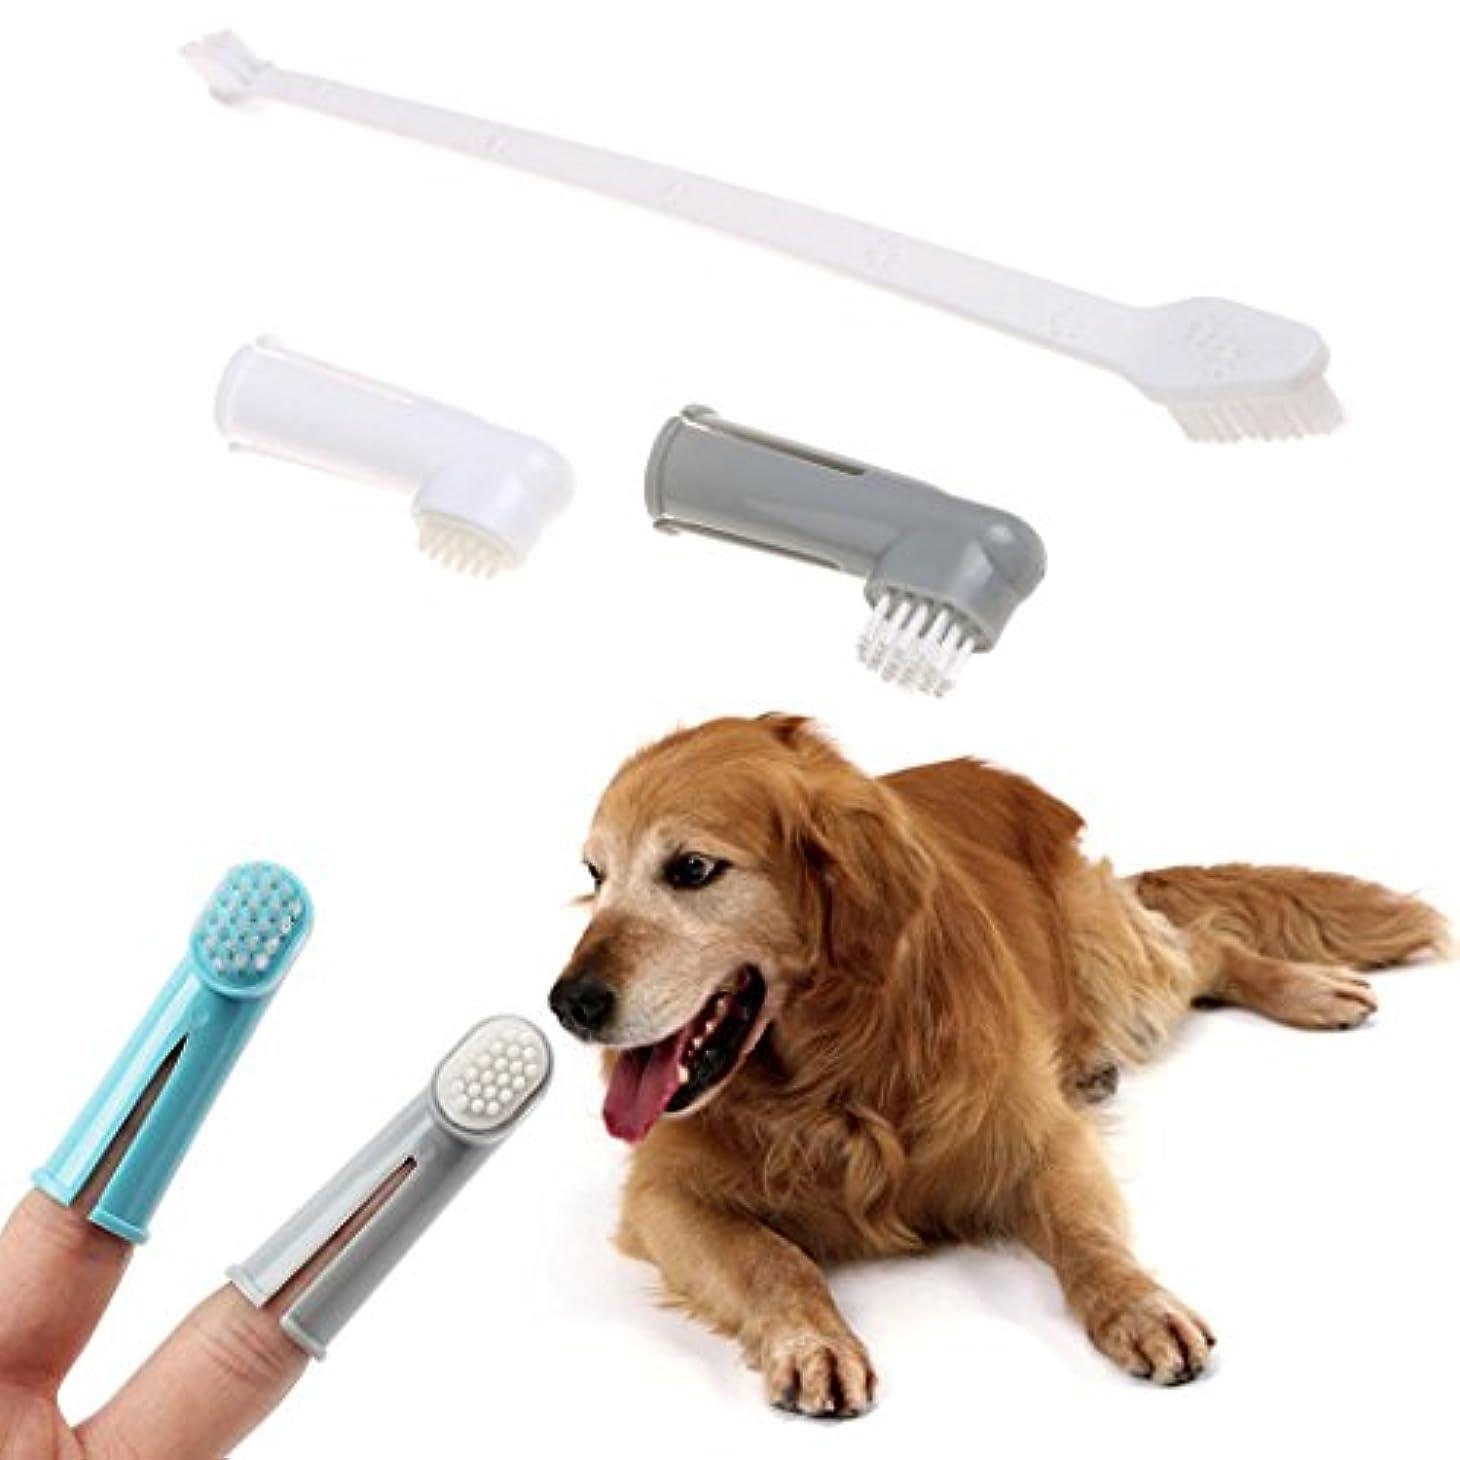 活気づけるパンチマーティフィールディングLegendog ペットの歯ブラシ 犬用歯ブラシ 指歯 ブラシ 歯磨き ペット歯ケア用品 カラフル 3ピースセット(合計9個)